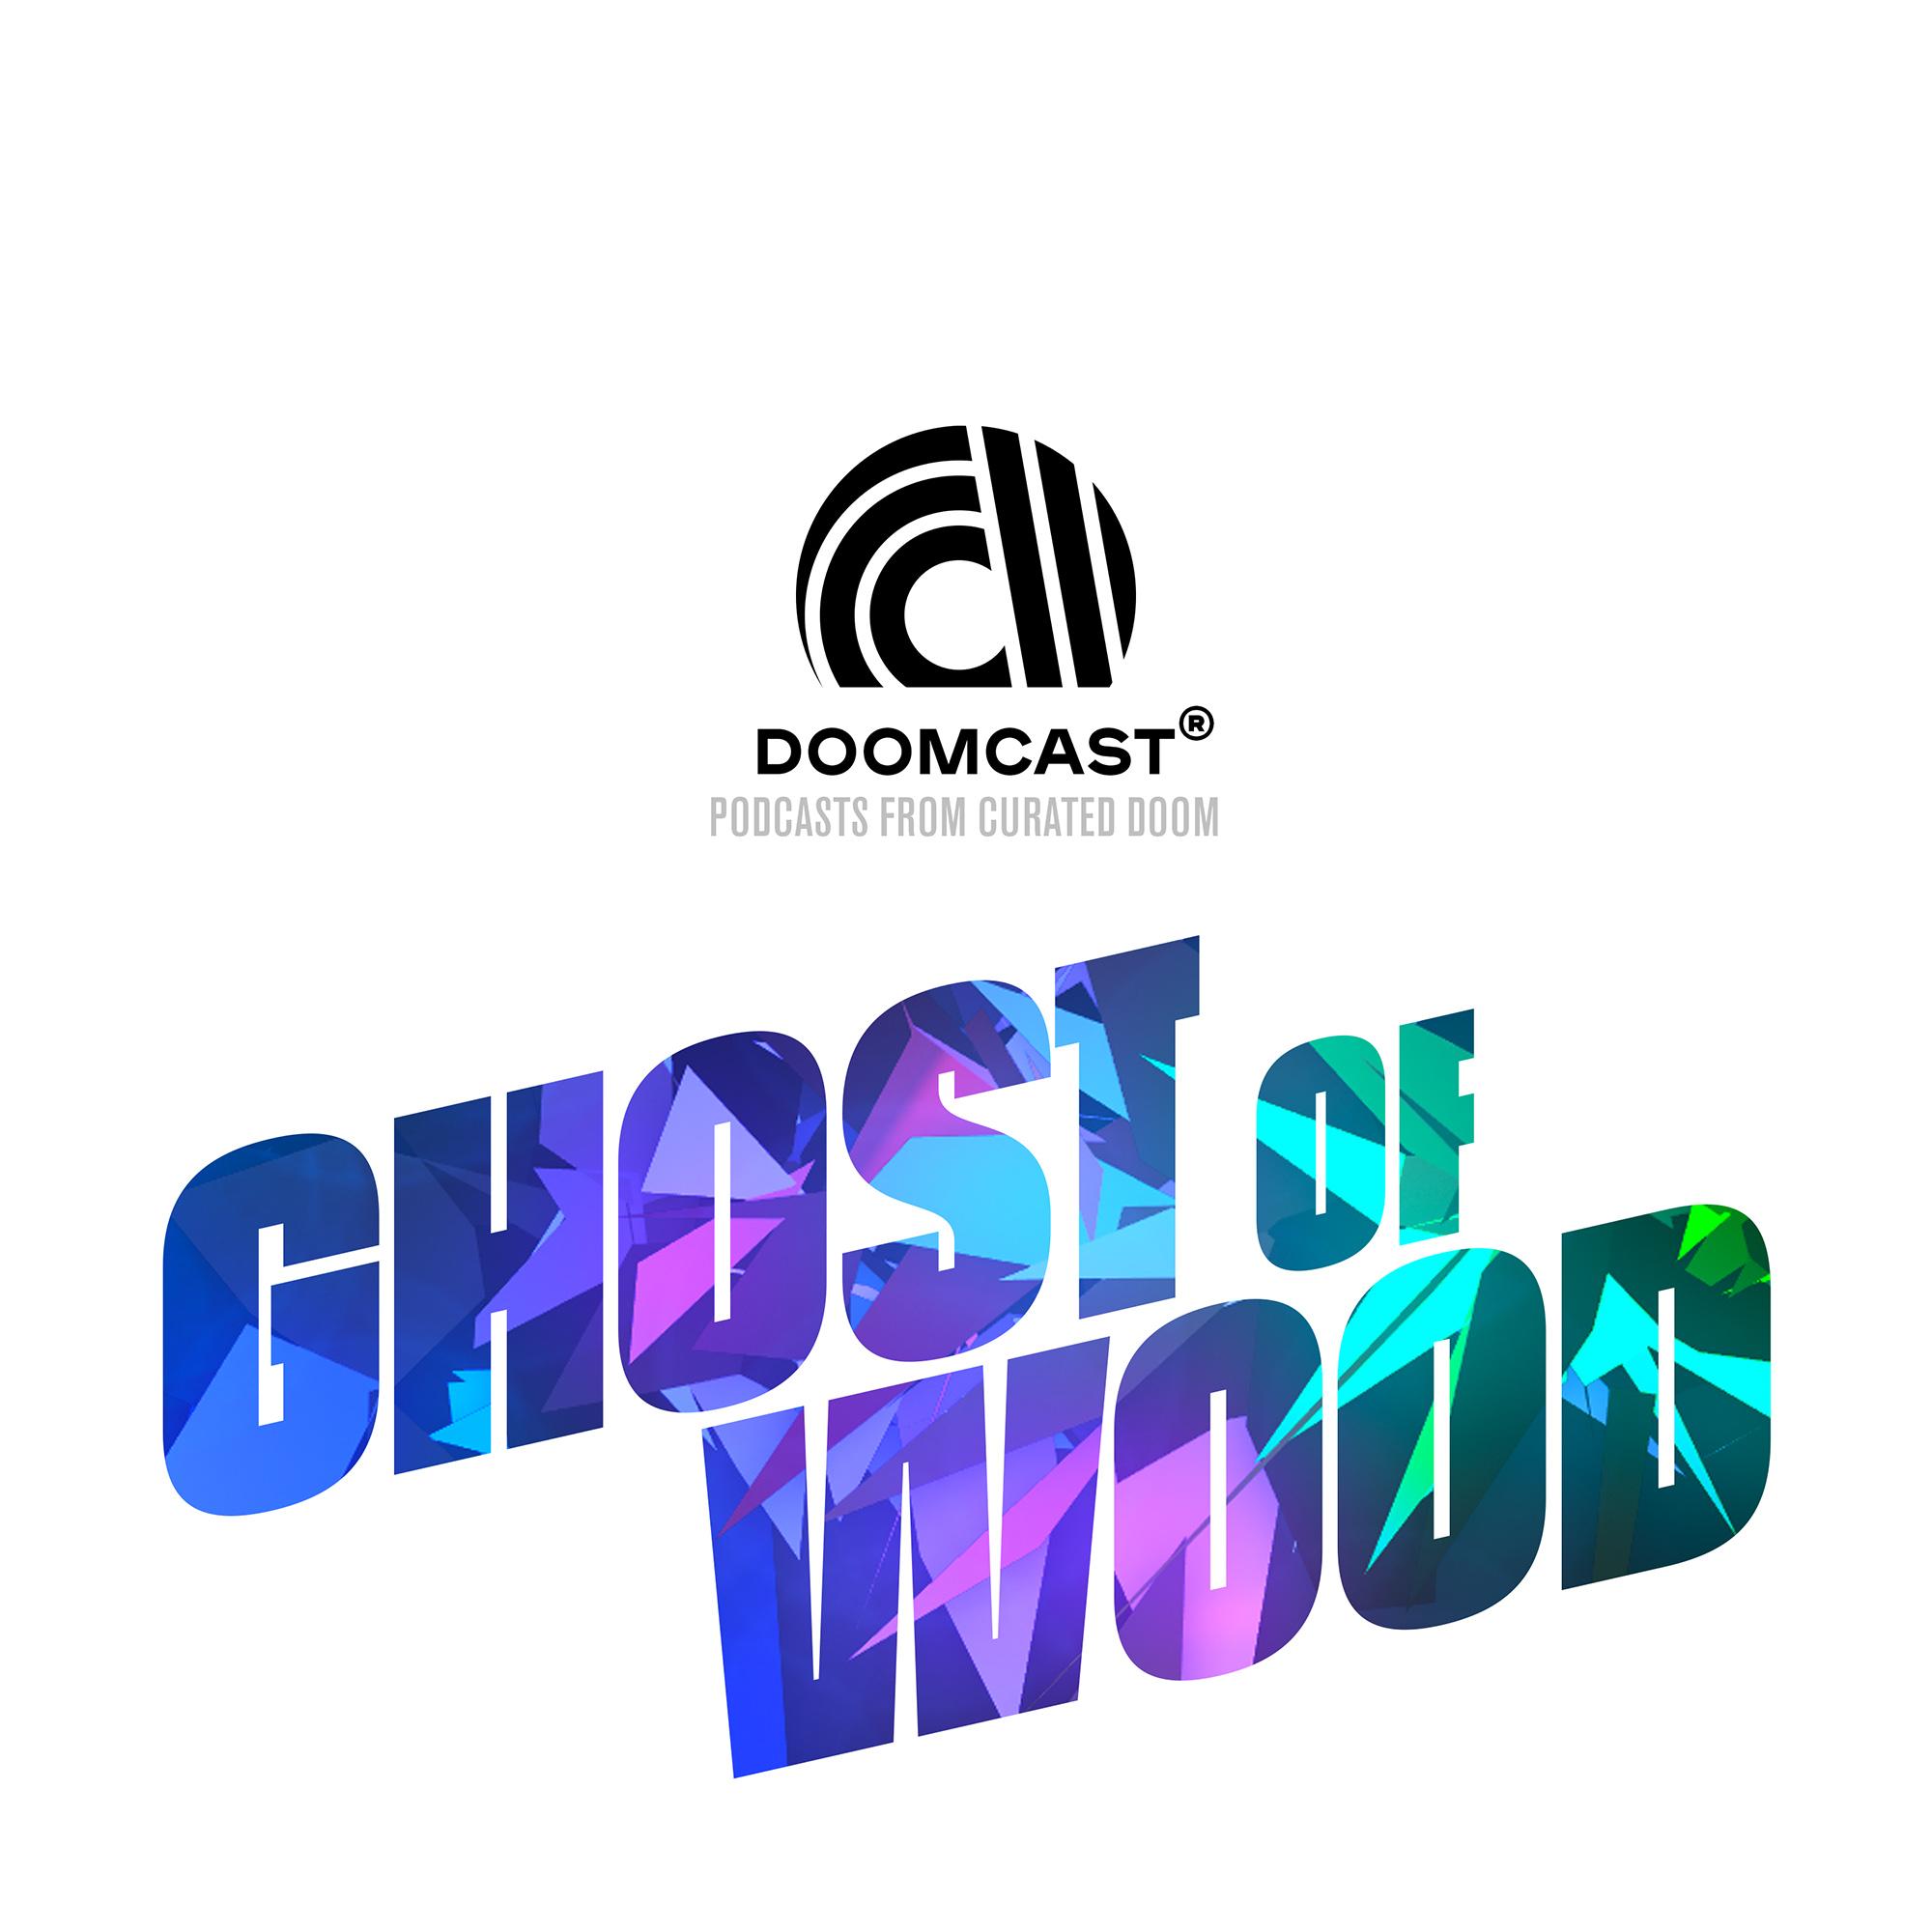 DOOMCAST - GHOST OF WOOD - SHOOK - 2000x2000.jpg